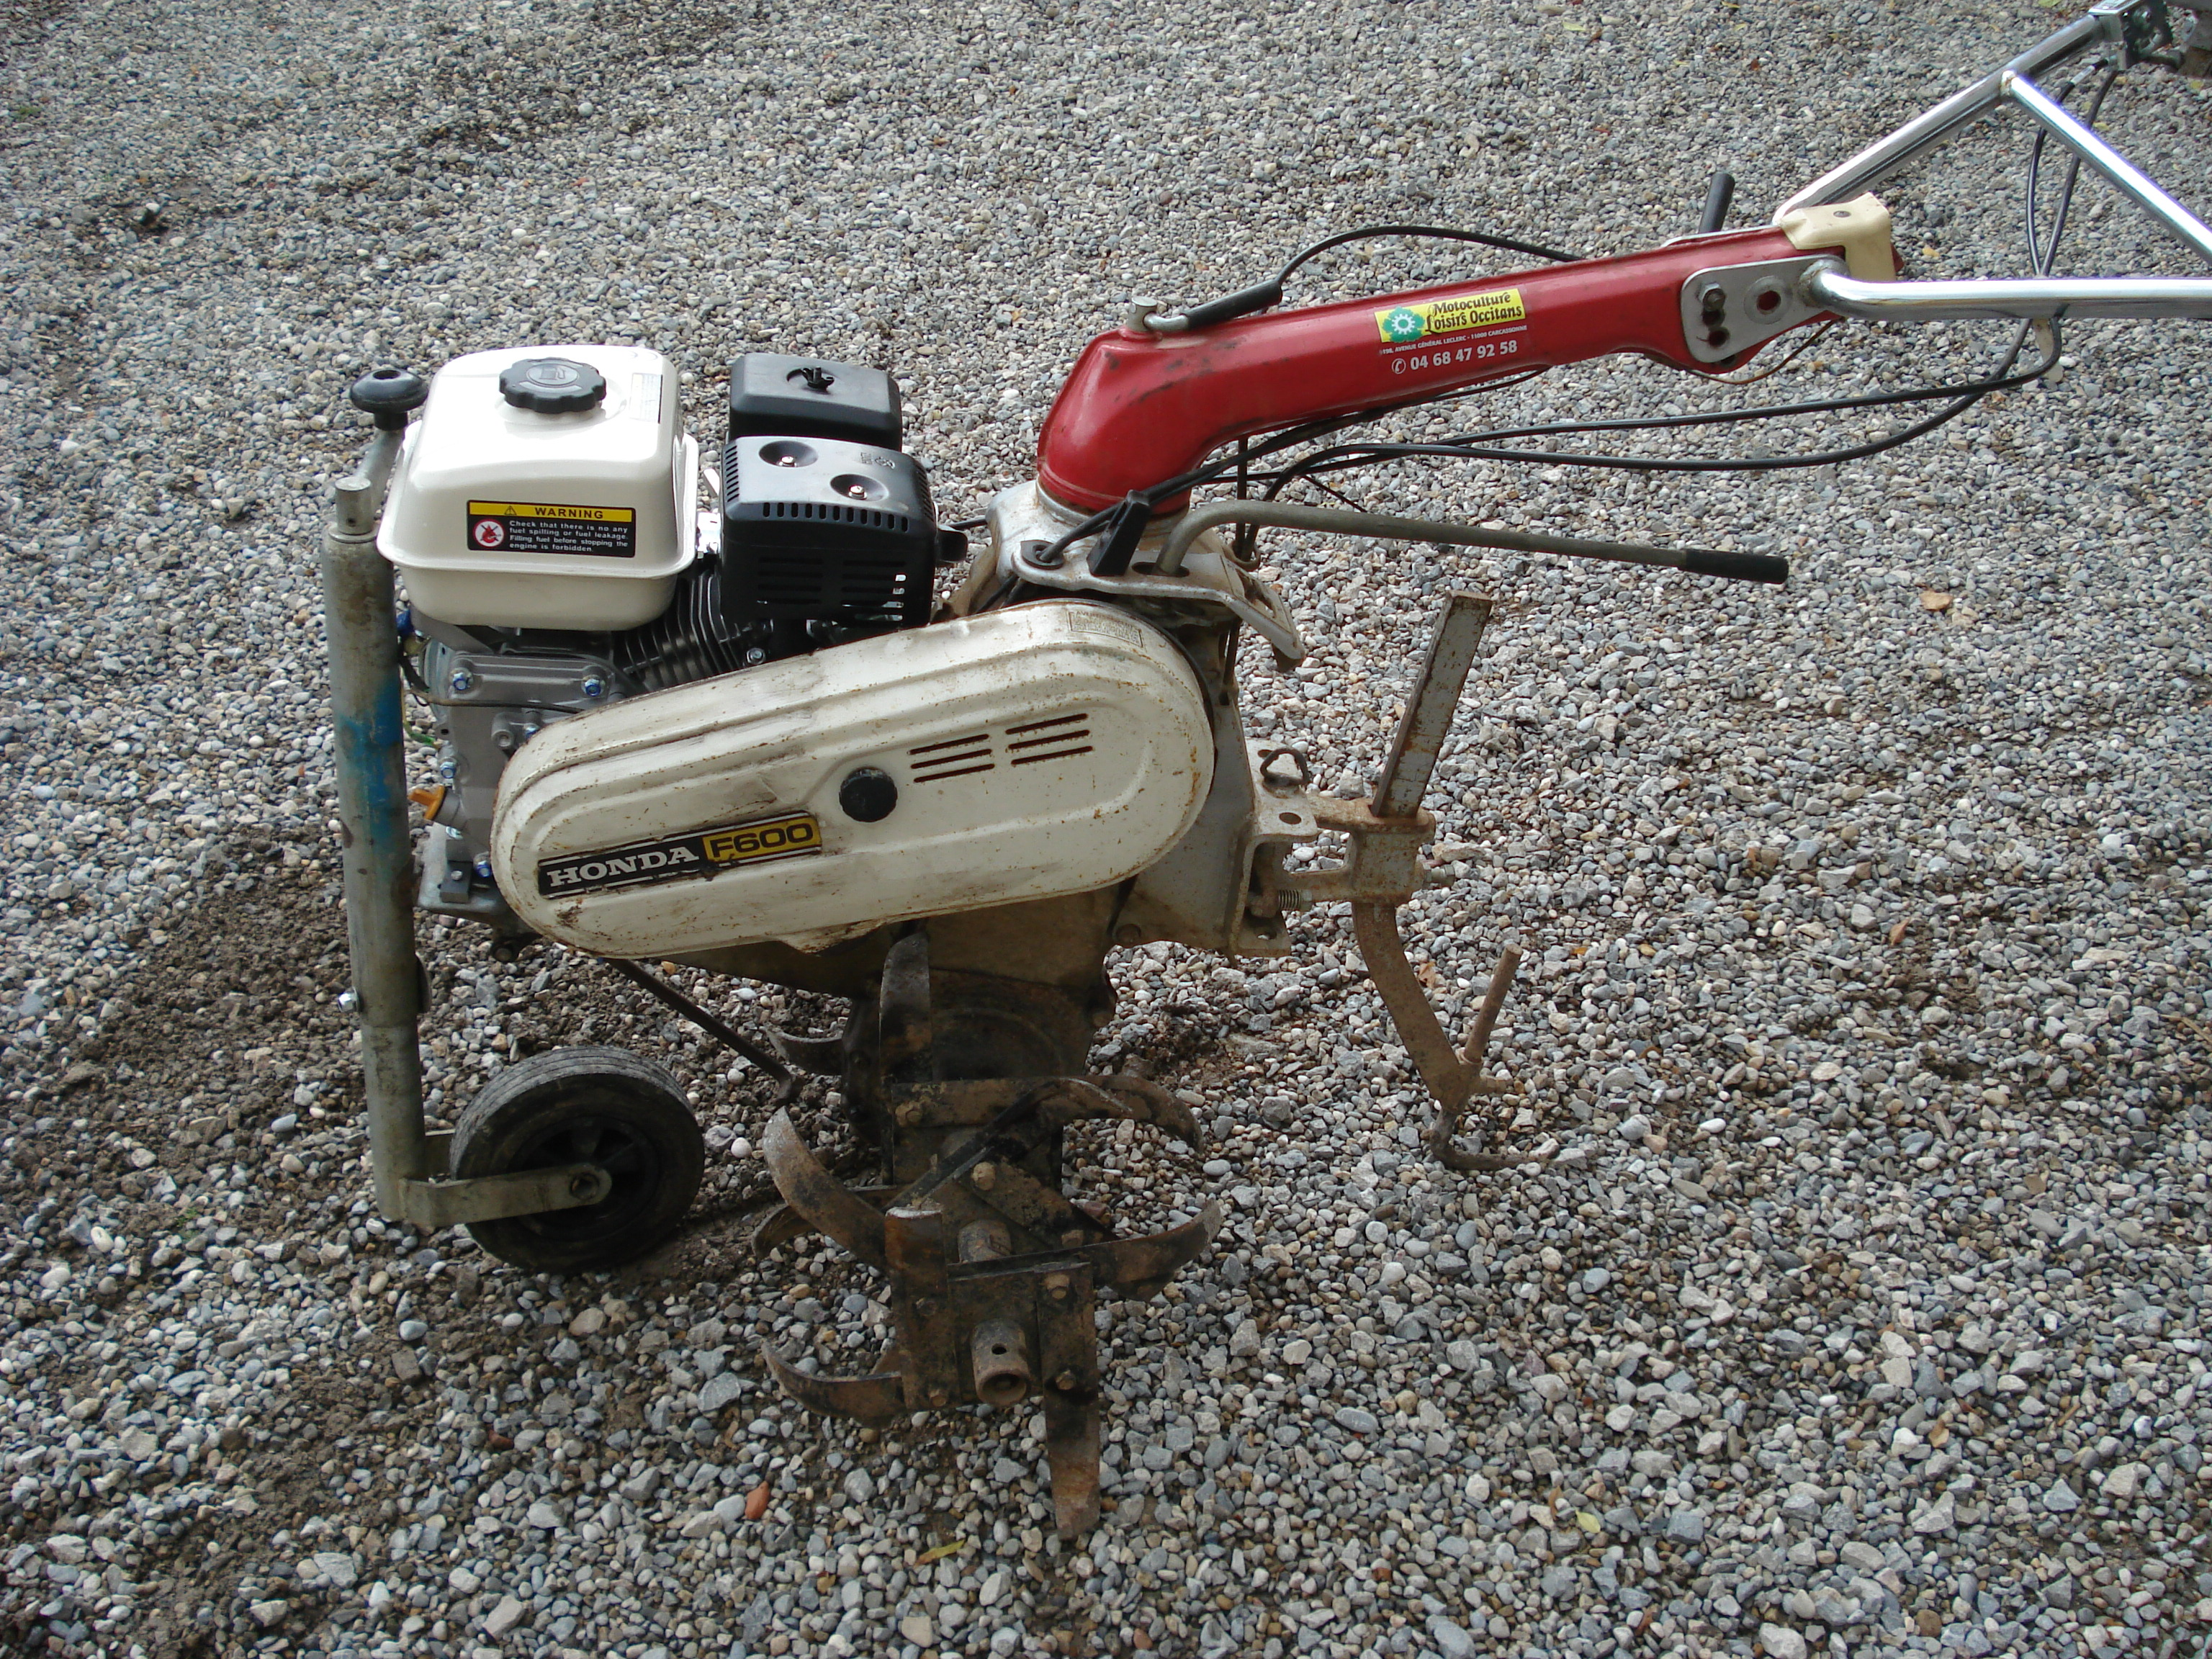 kit moteur pour honda f600 avec moteur g200 reducteur